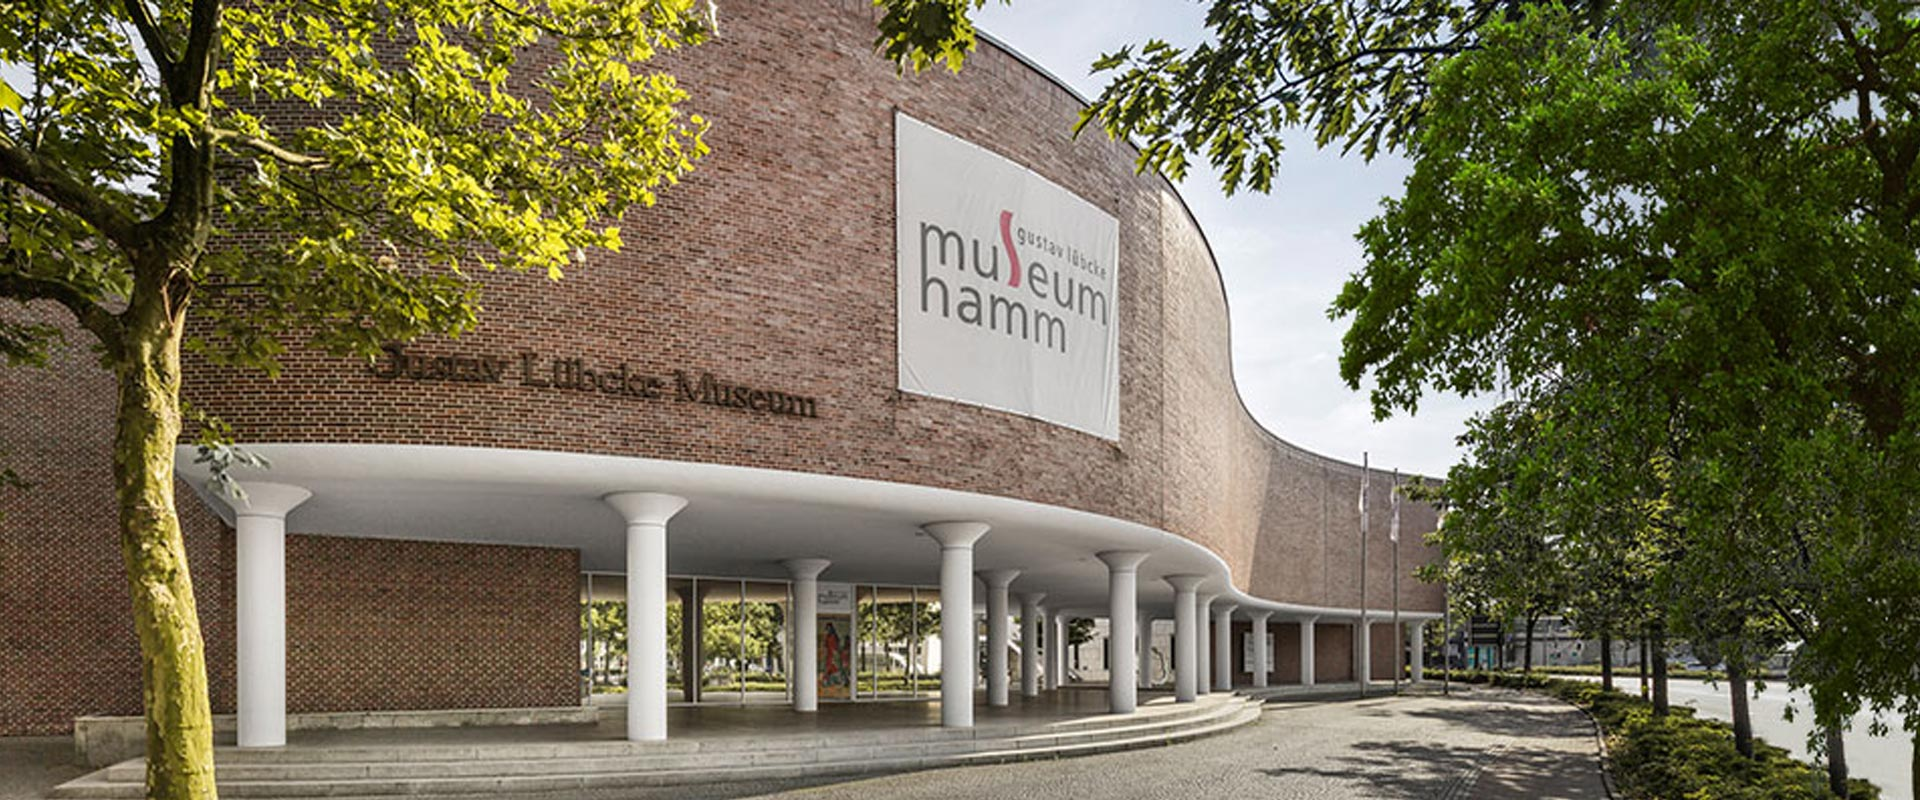 Museum in Hamm